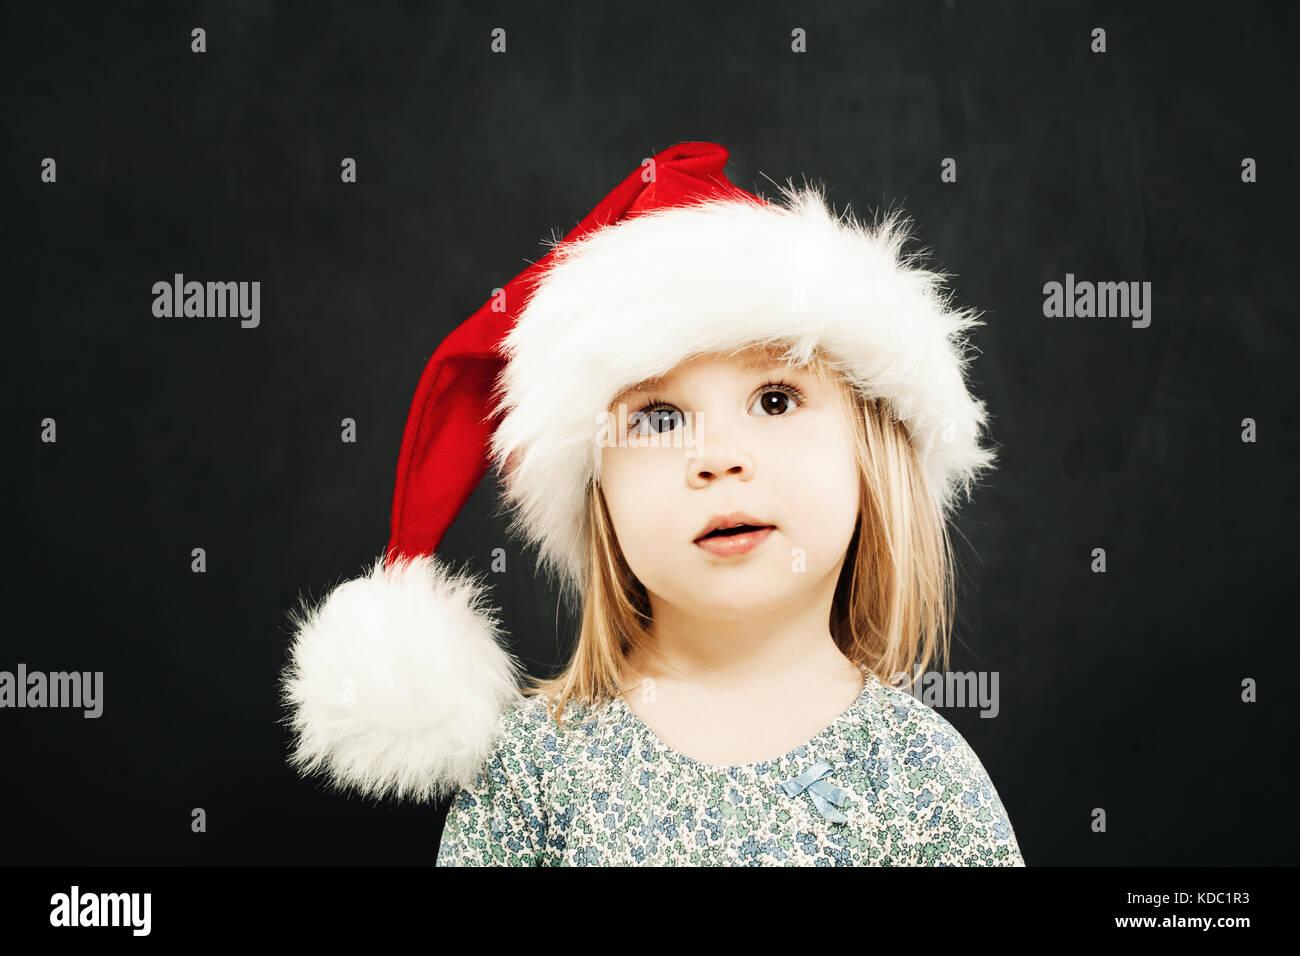 Noël des enfants girl in santa hat rêver sur fond noir Banque D'Images